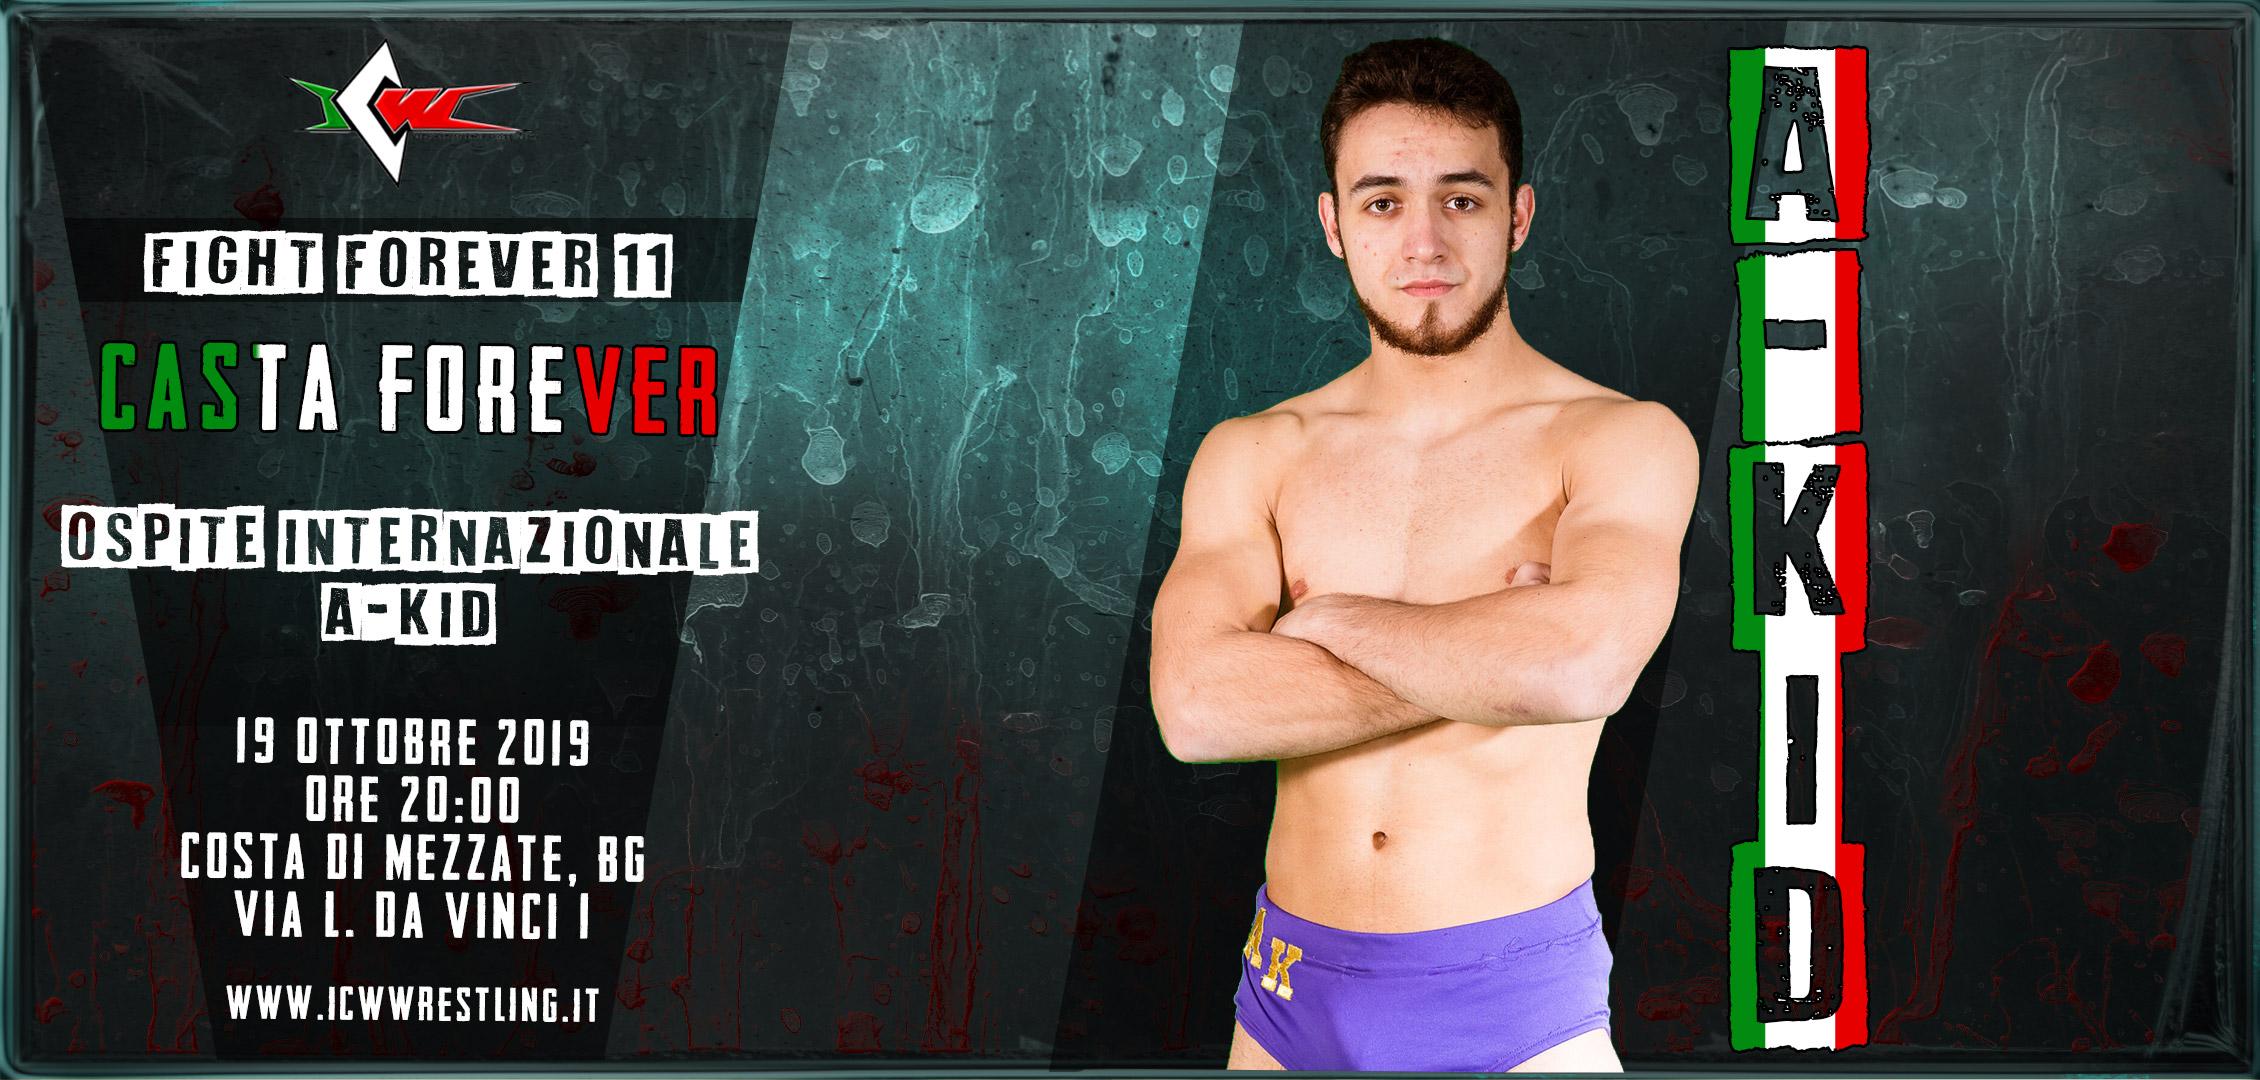 A-KID debutta alla ICW il 19 ottobre a Fight Forever #11!